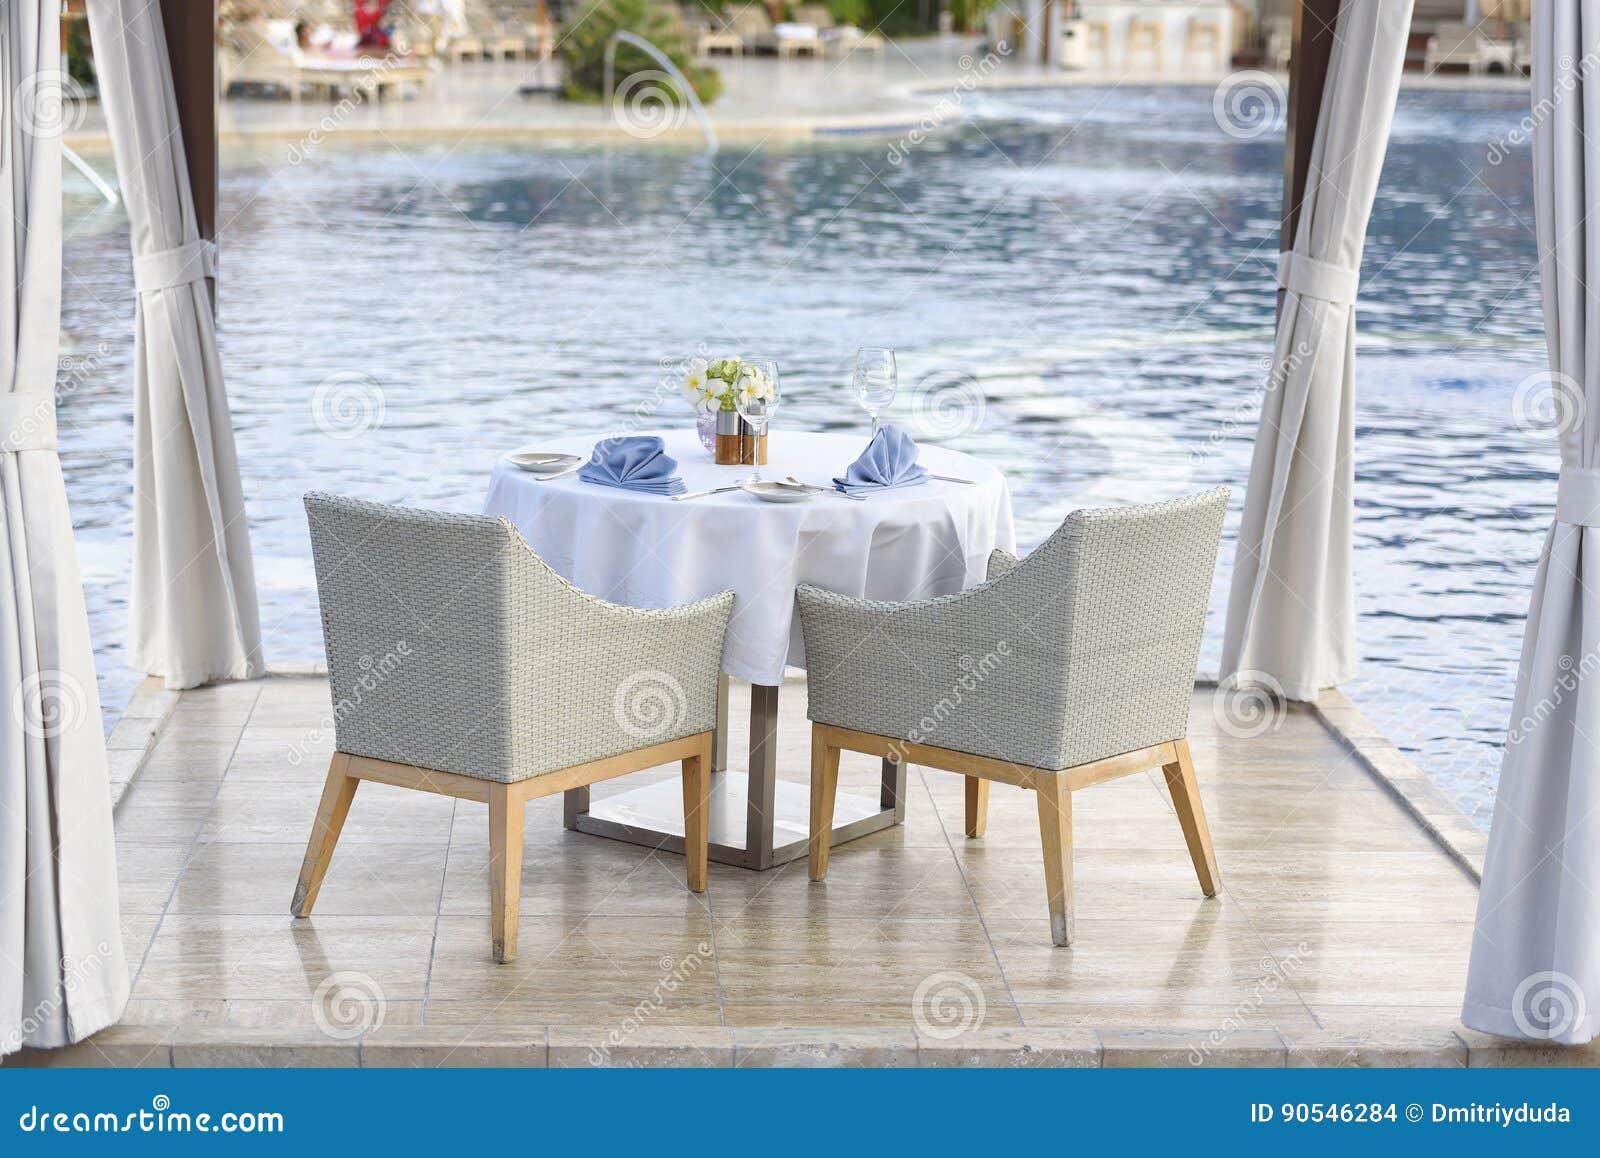 Обеденный стол для пар с белой скатертью